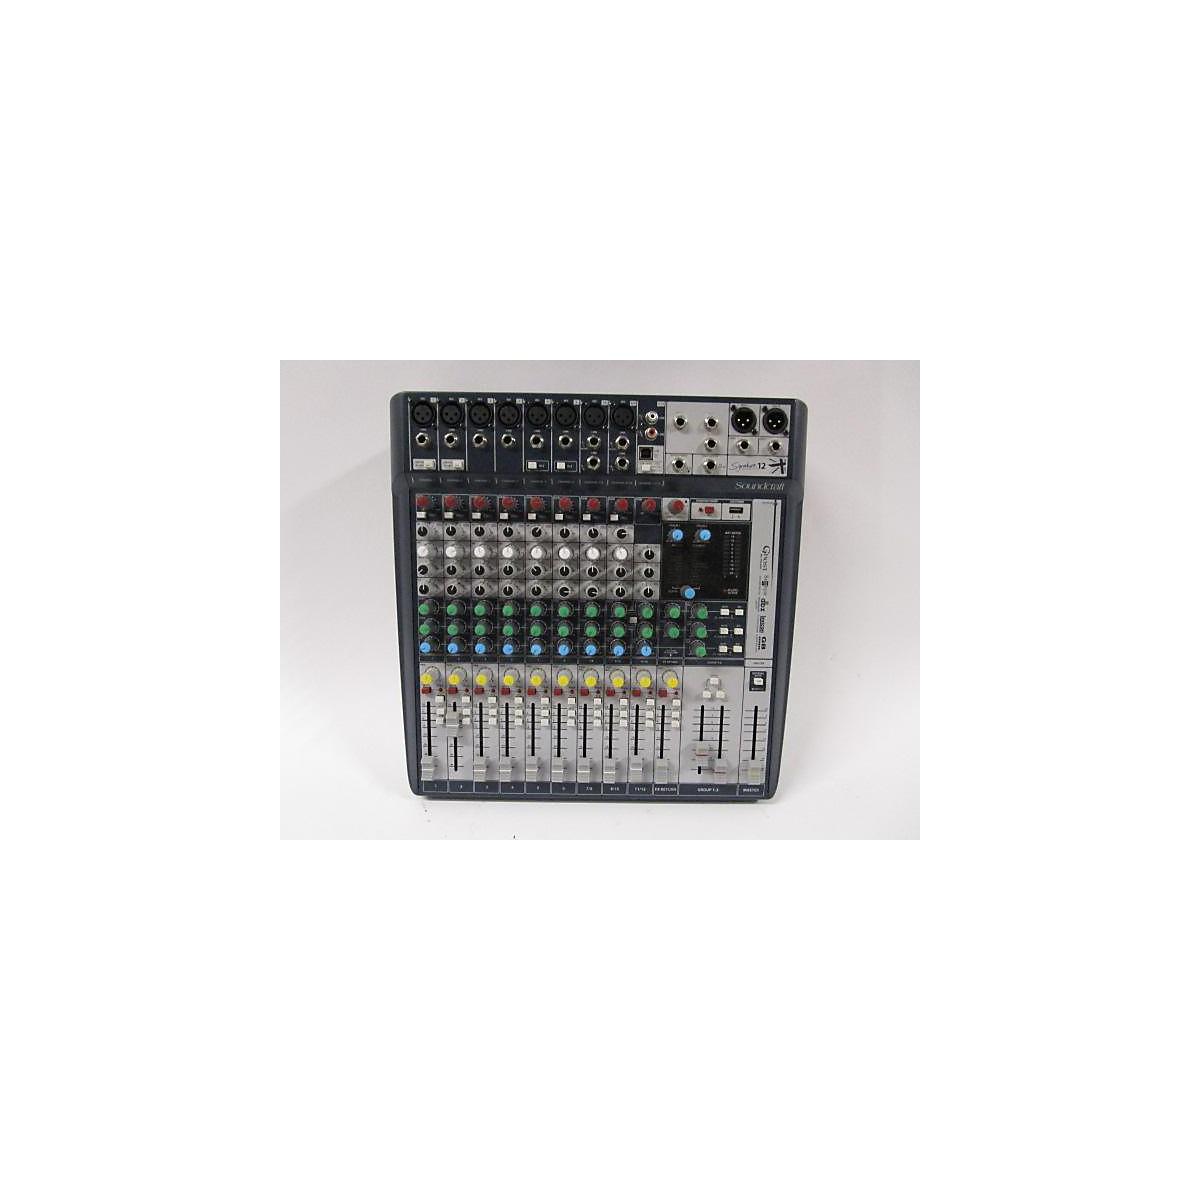 Soundcraft Soundcraft Signature 12 Analog Mixer Powered Mixer